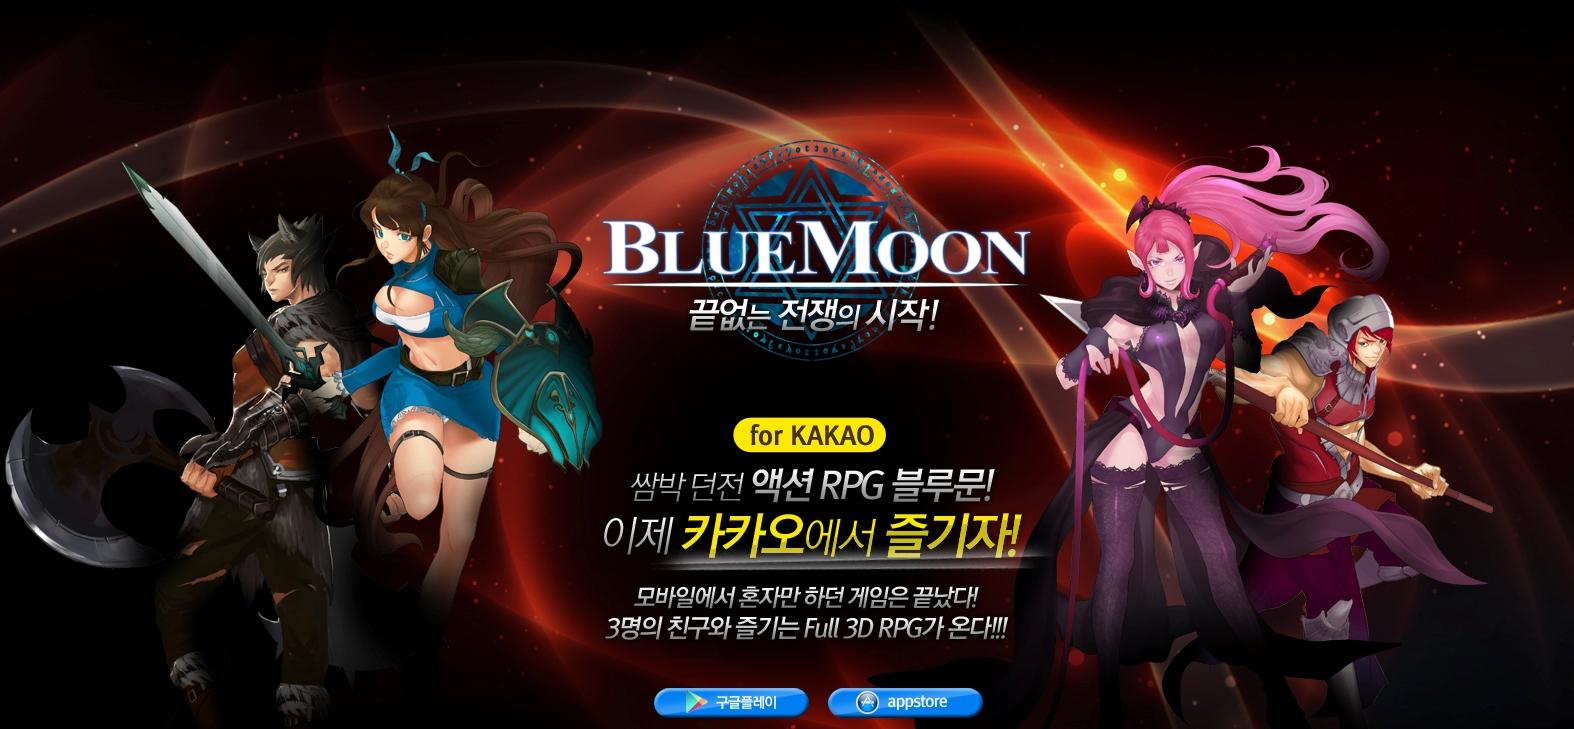 던전 액션 RPG '블루문 for Kakao', 카카오 게..